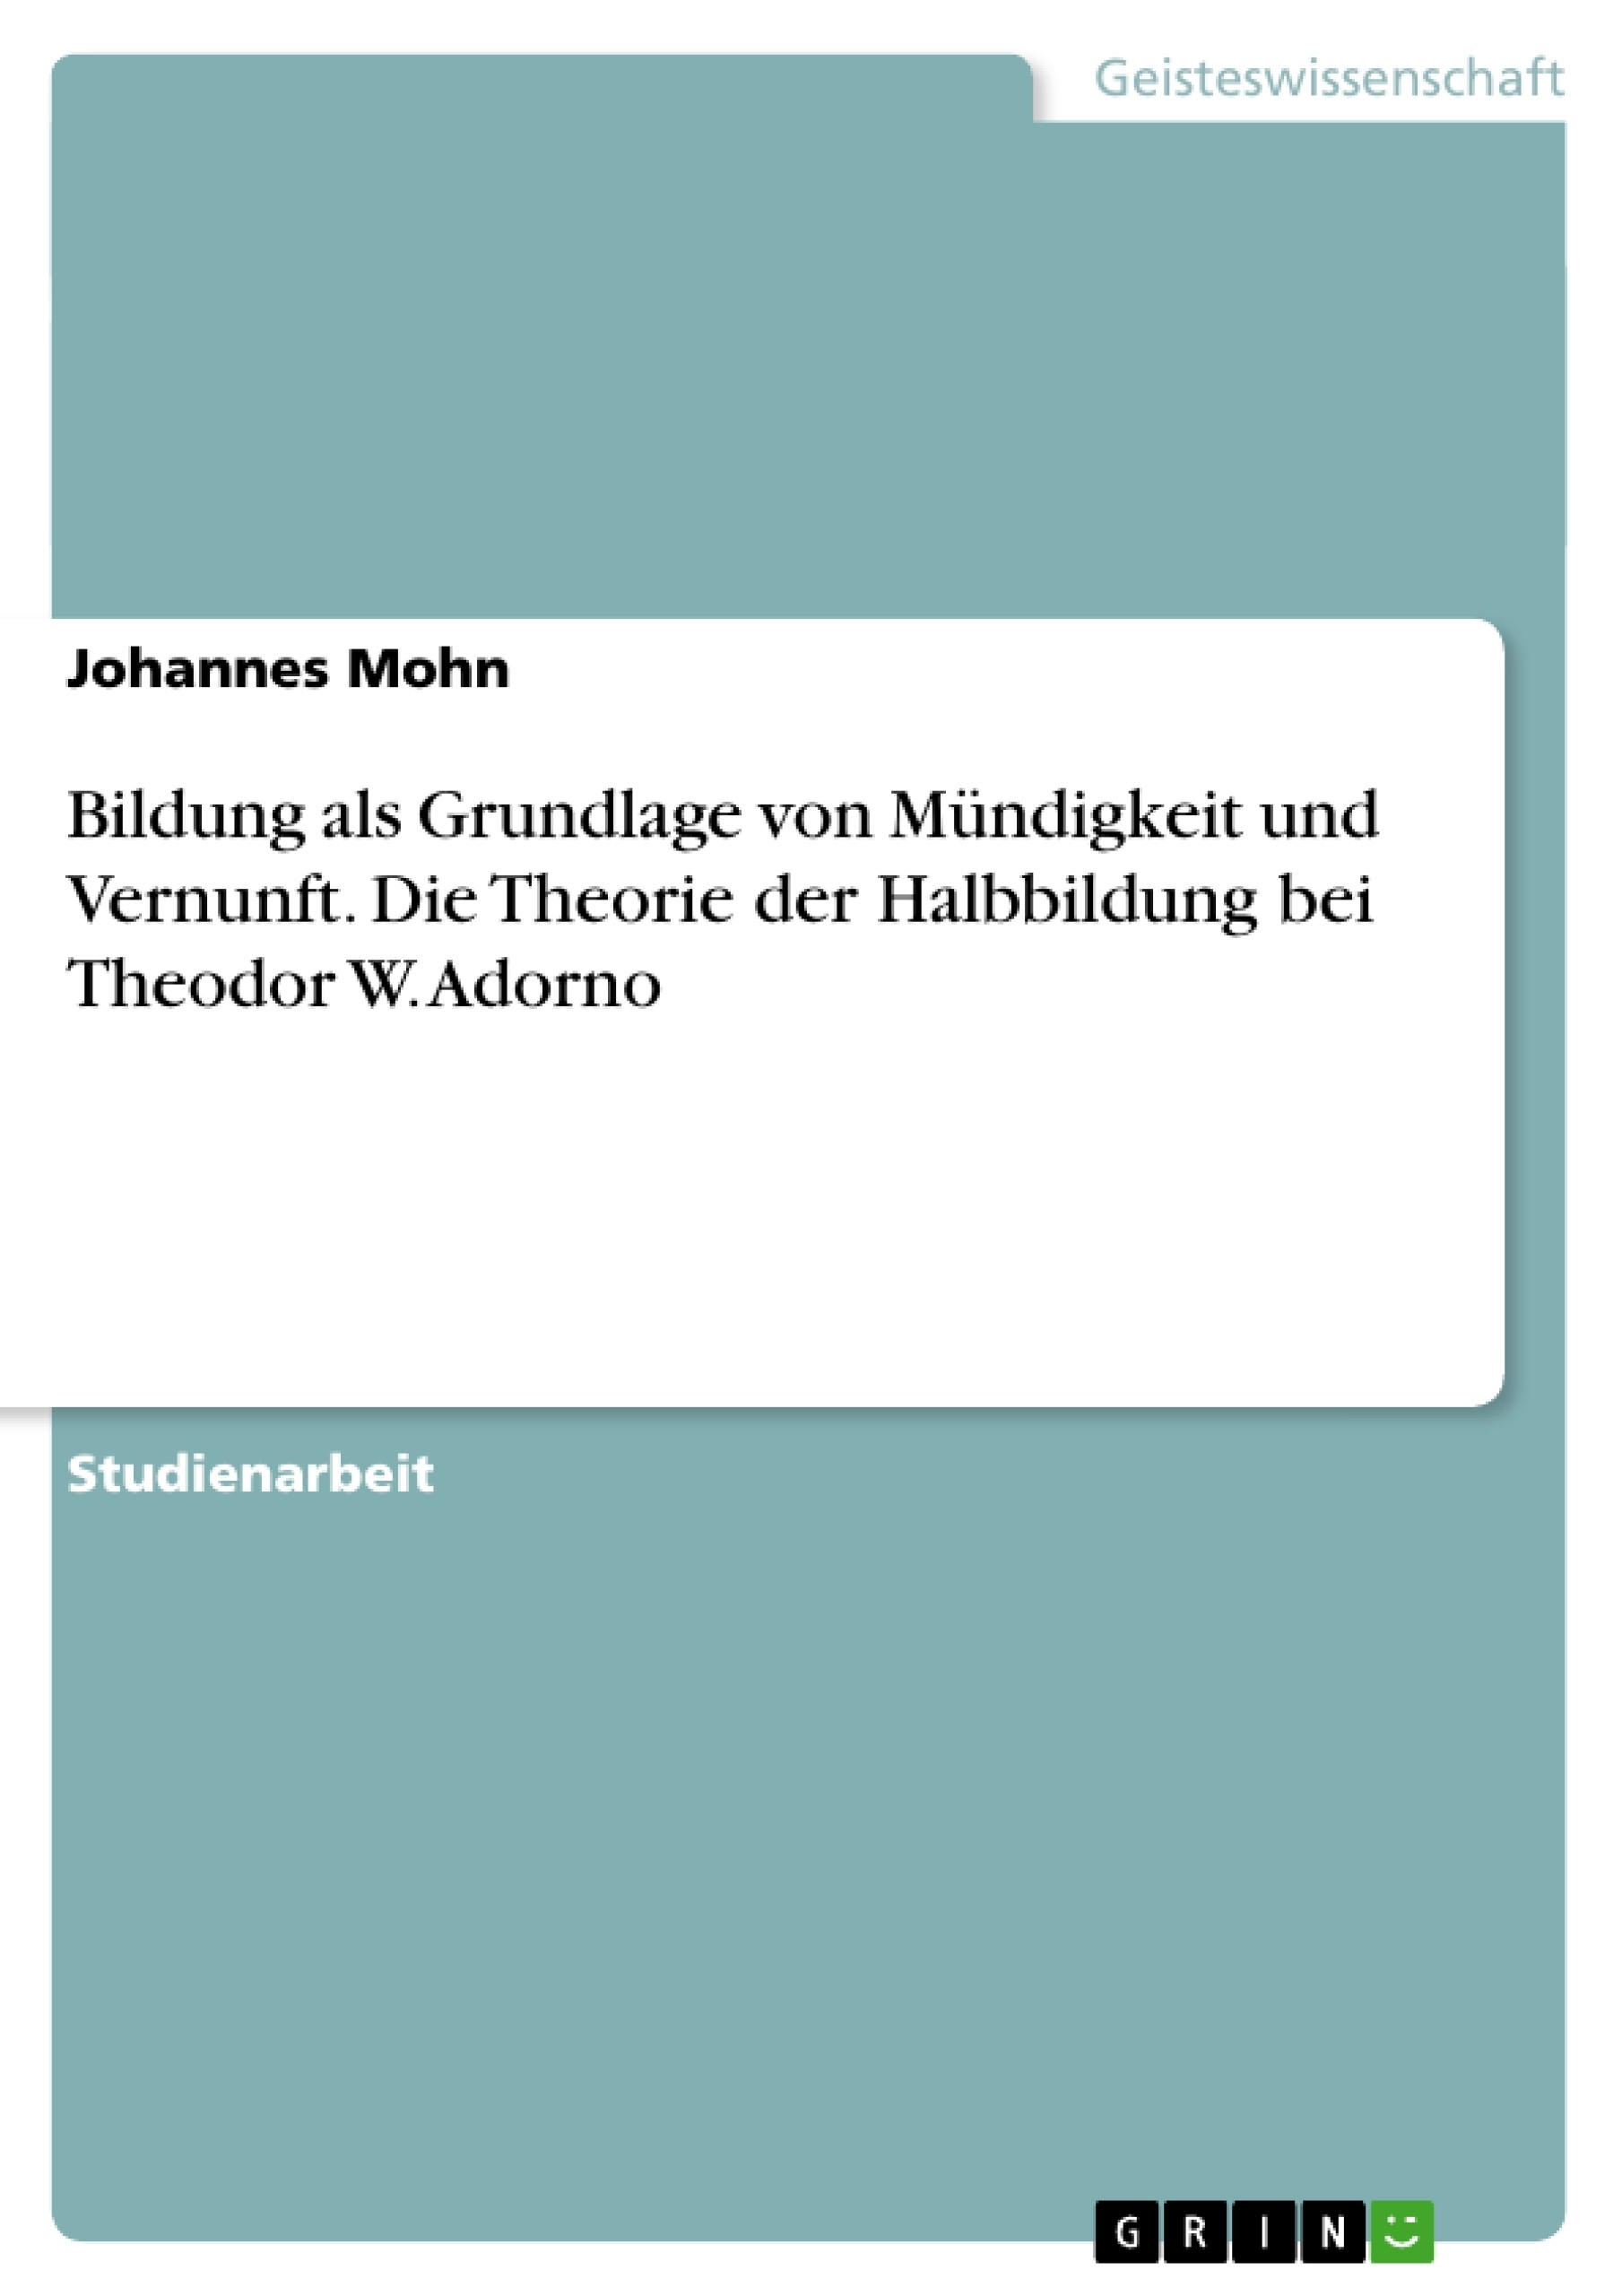 Titel: Bildung als Grundlage von Mündigkeit und Vernunft. Die Theorie der Halbbildung bei Theodor W. Adorno